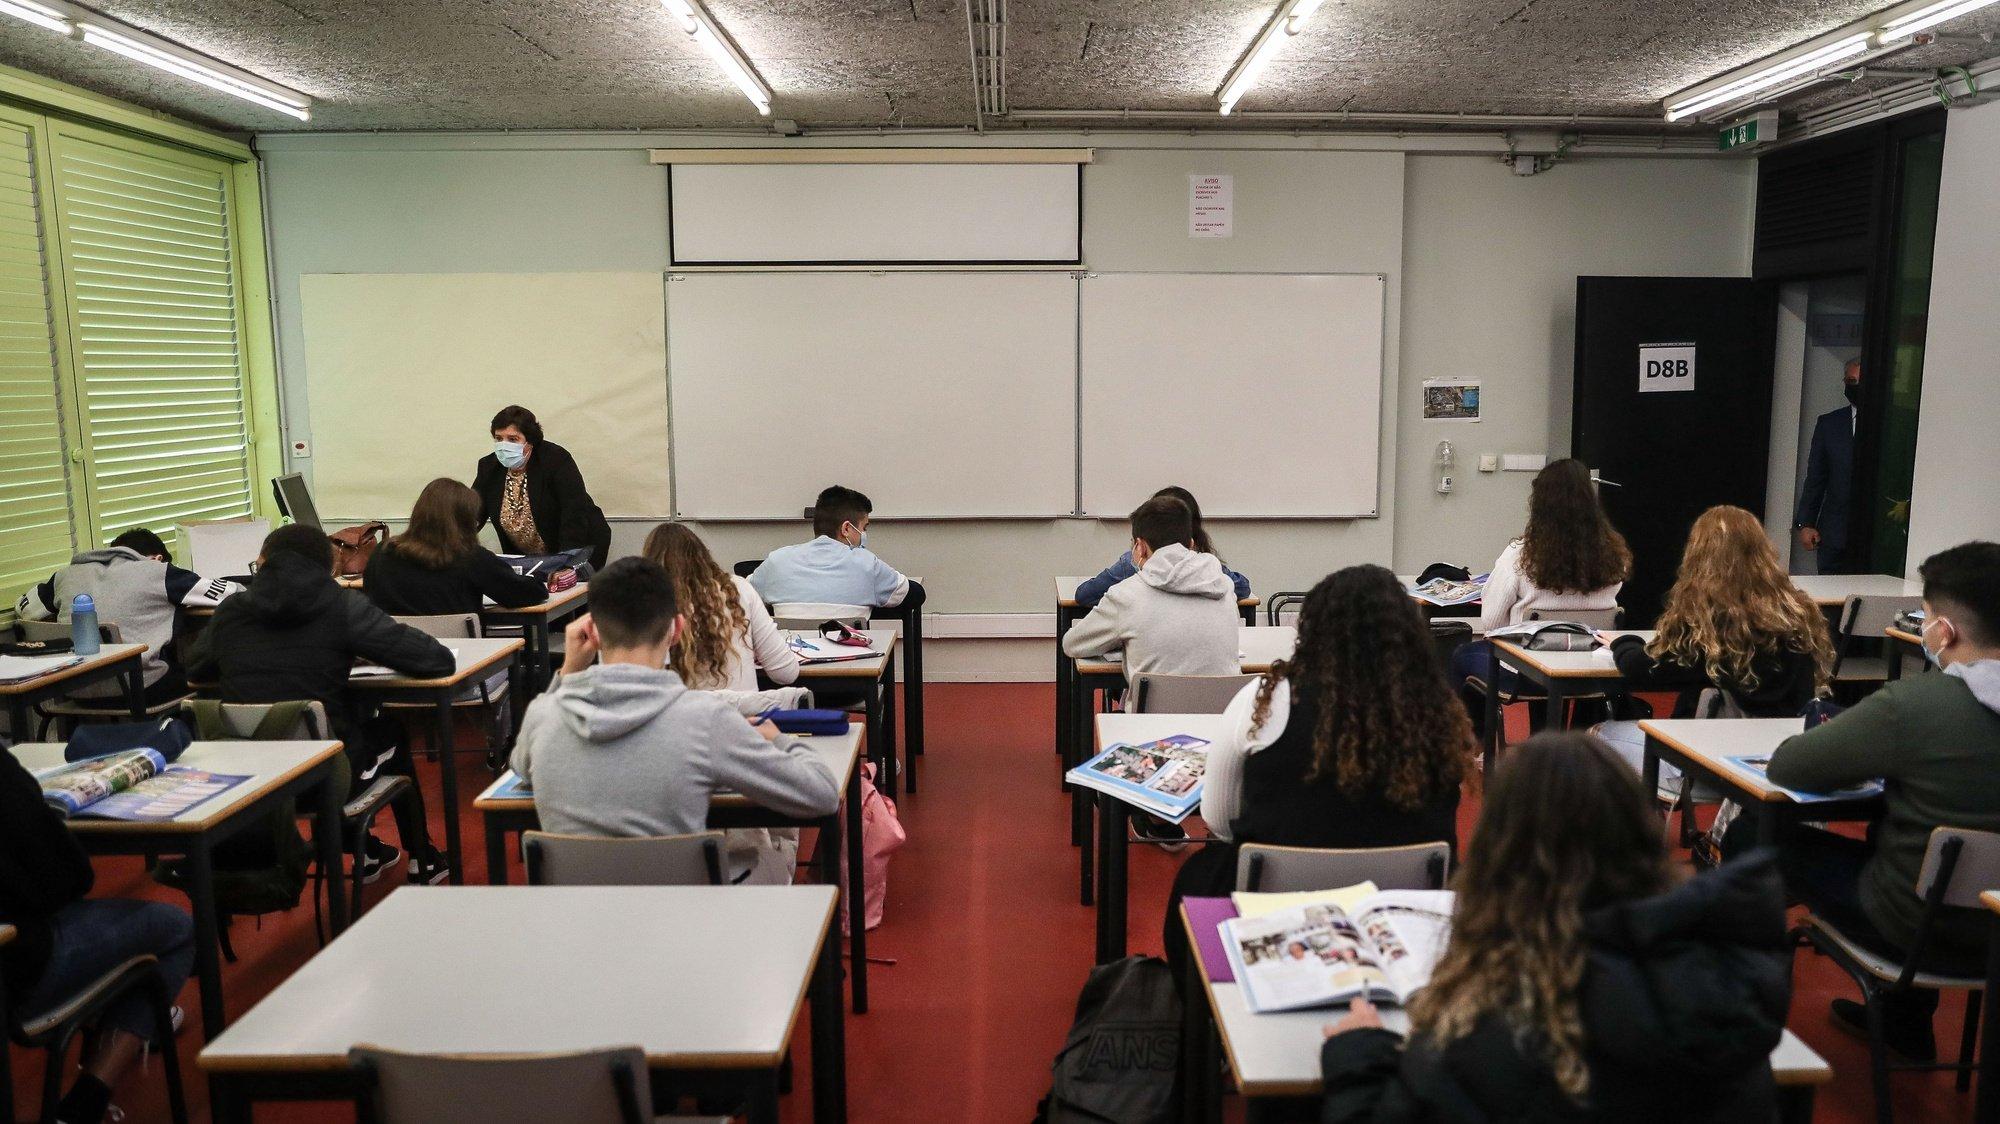 Alunos do agrupamento de escolas D. Dinis no regresso às aulas no âmbito do desconfinamento devido à pandemia de covid-19, em Lisboa, 5 de abril de 2021. MÁRIO CRUZ/LUSA